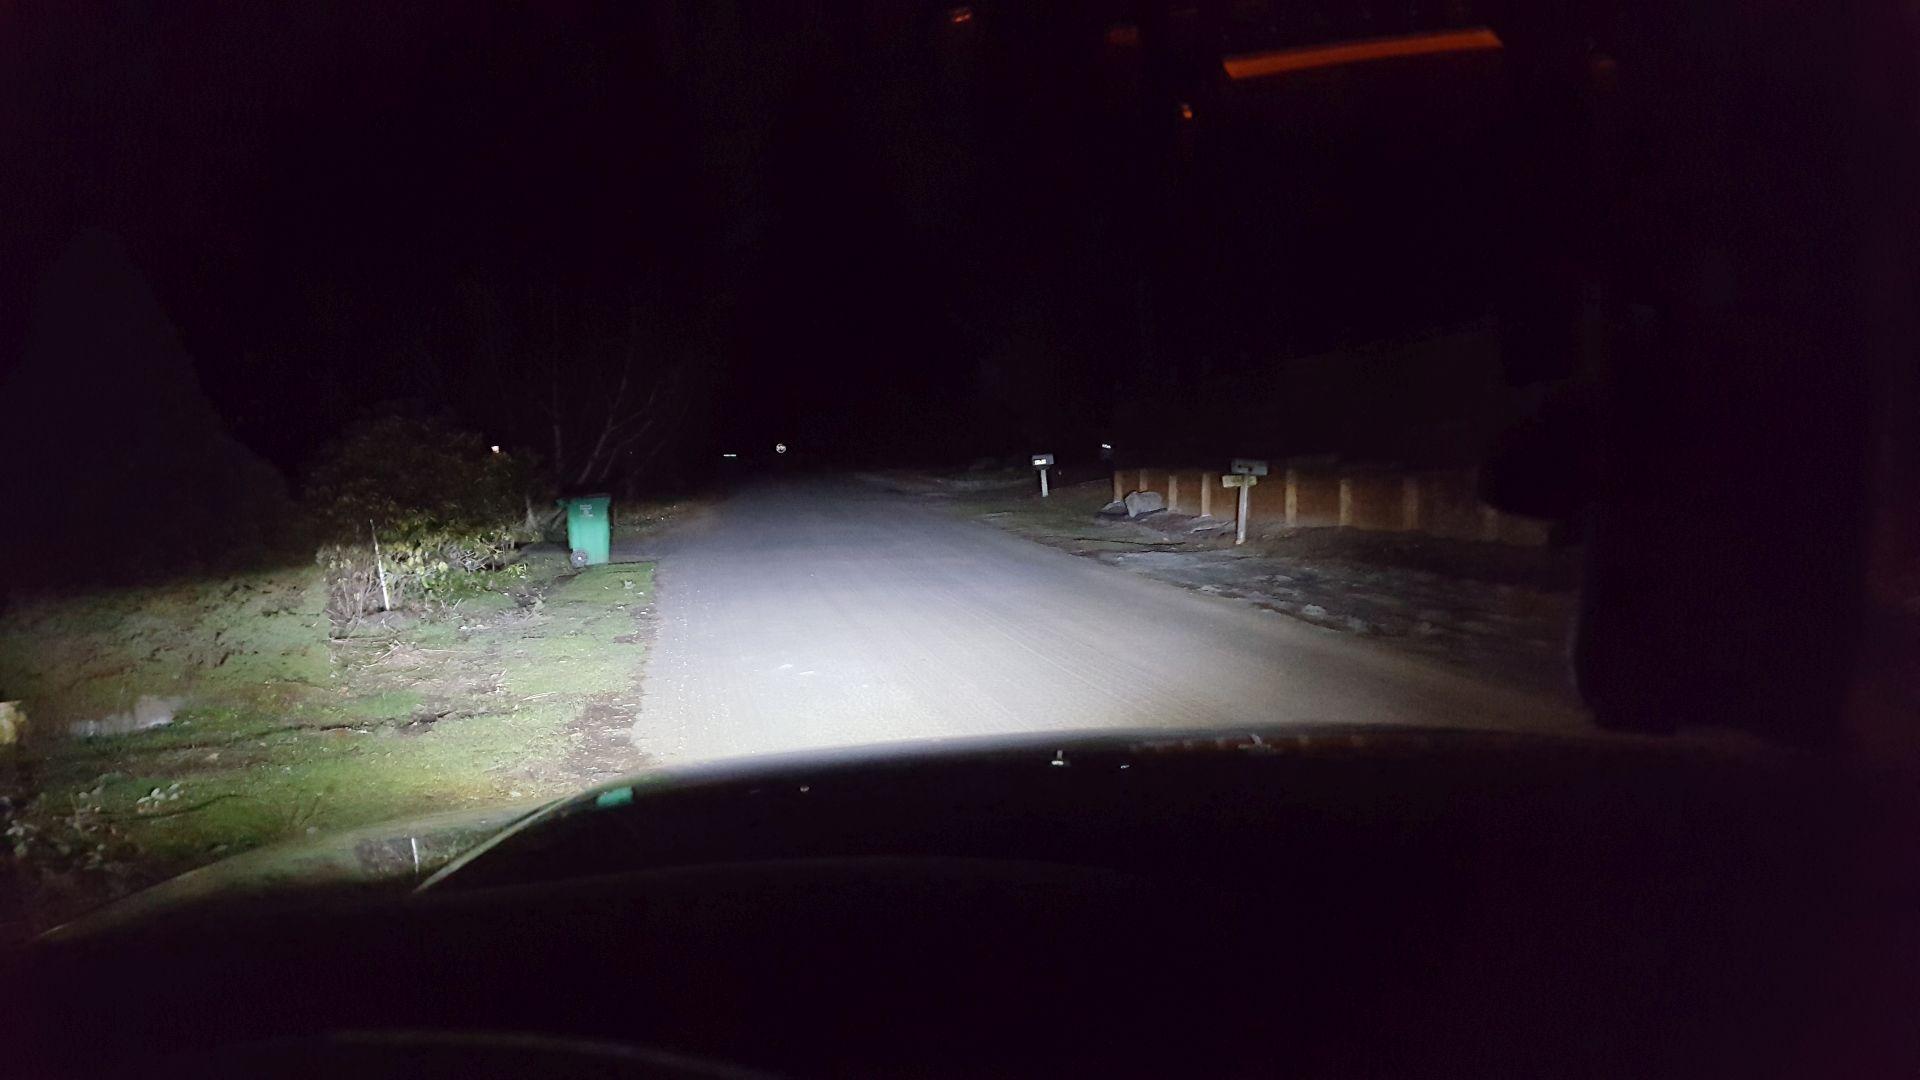 06-09 LED headlight bulbs. MUST TRY list-20190302_200439a-jpg